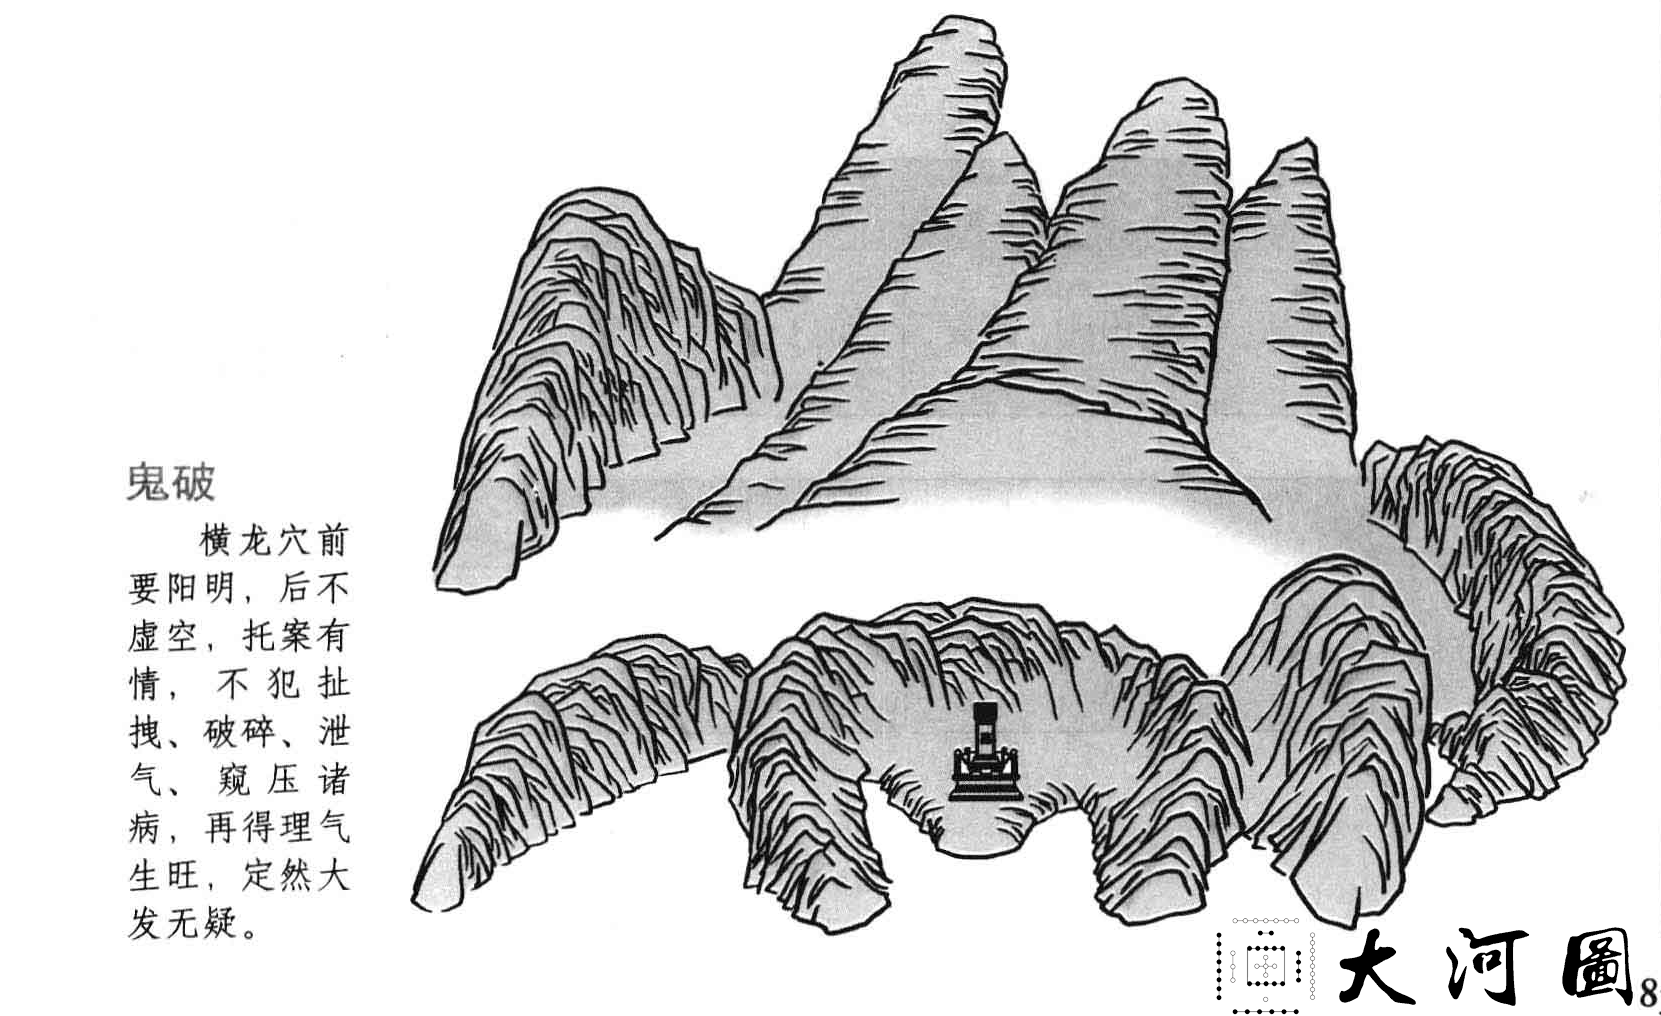 贵人方位和禄山的方位对应关系规律 和天干纳甲地支藏干的关系 第1张